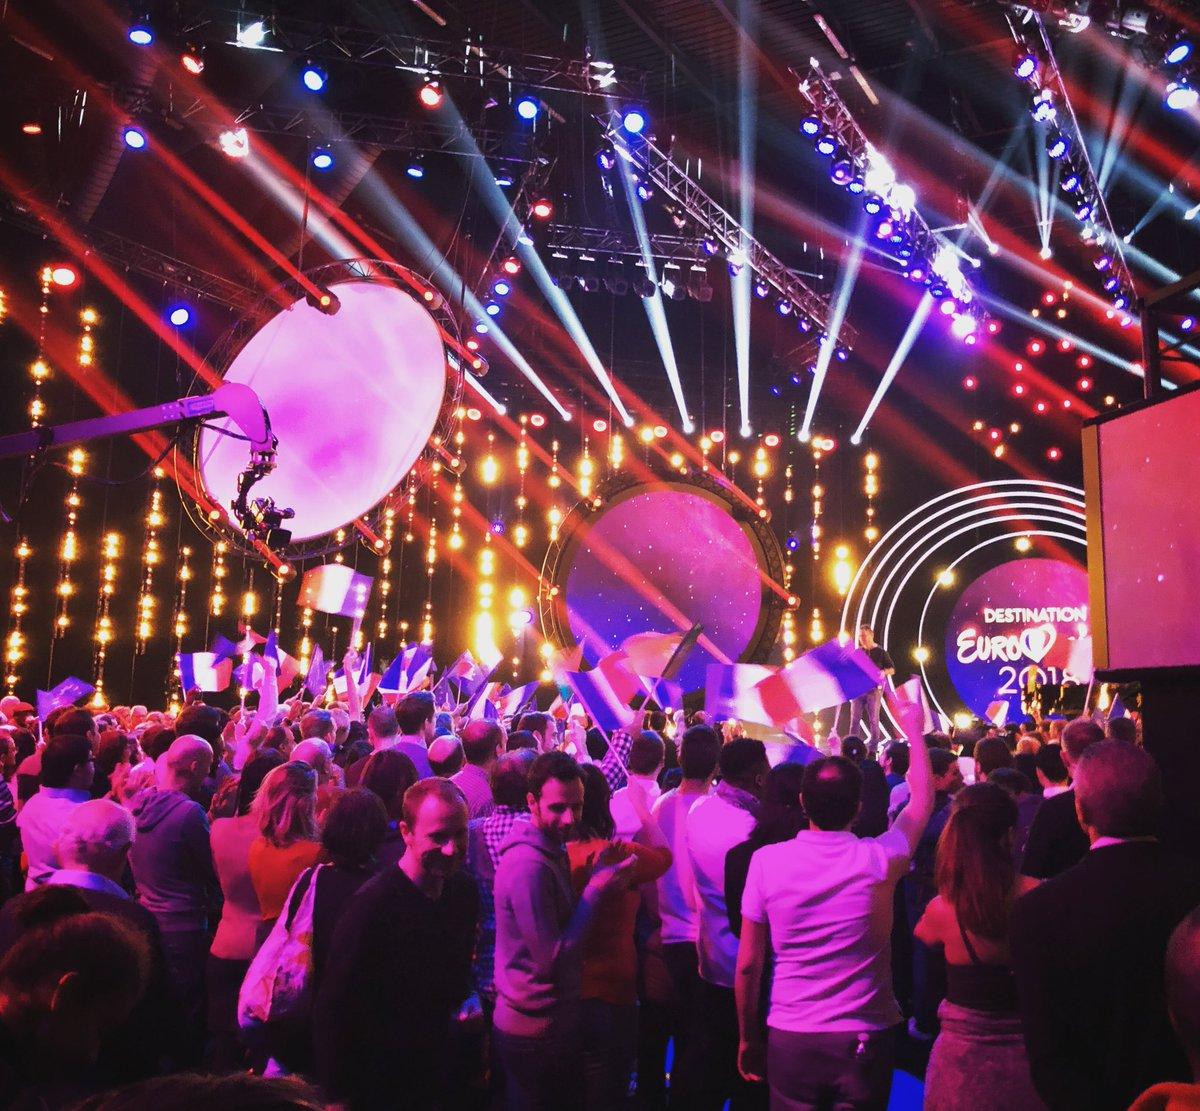 destination eurovision 2018 enregistrement de la deuxi me demi finale l 39 eurovision au quotidien. Black Bedroom Furniture Sets. Home Design Ideas